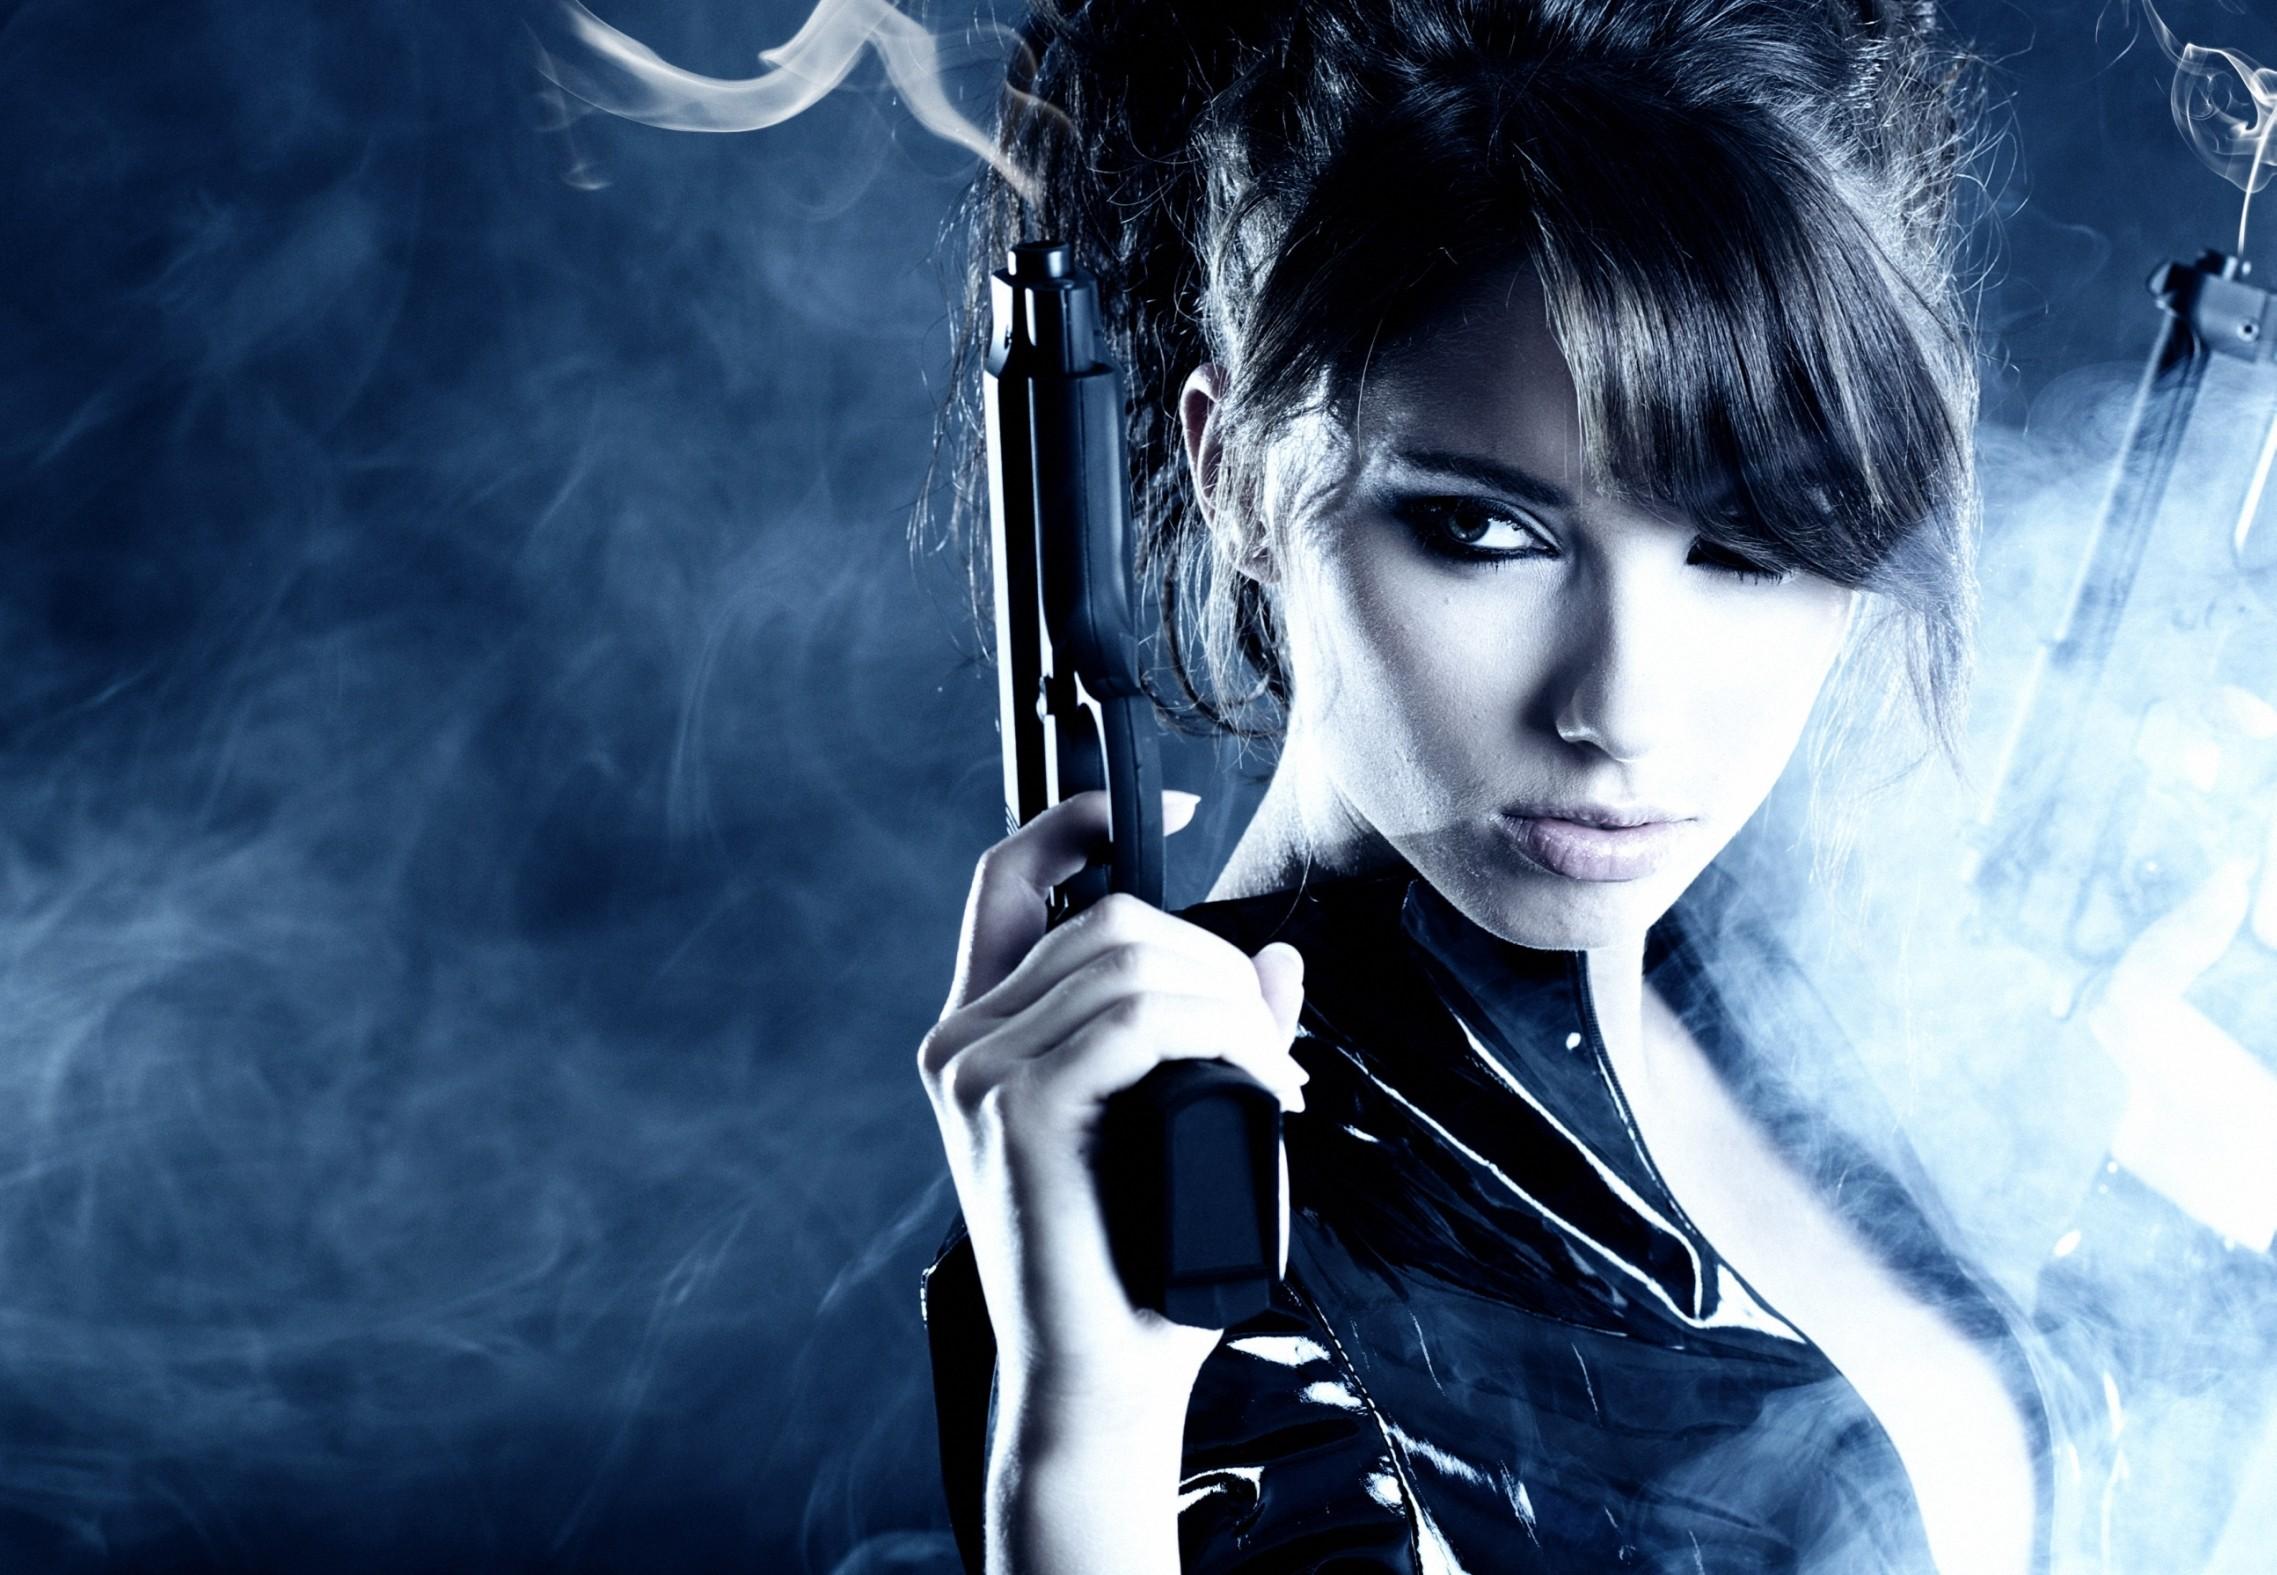 People 2277x1575 pistol girls with guns gun brunette